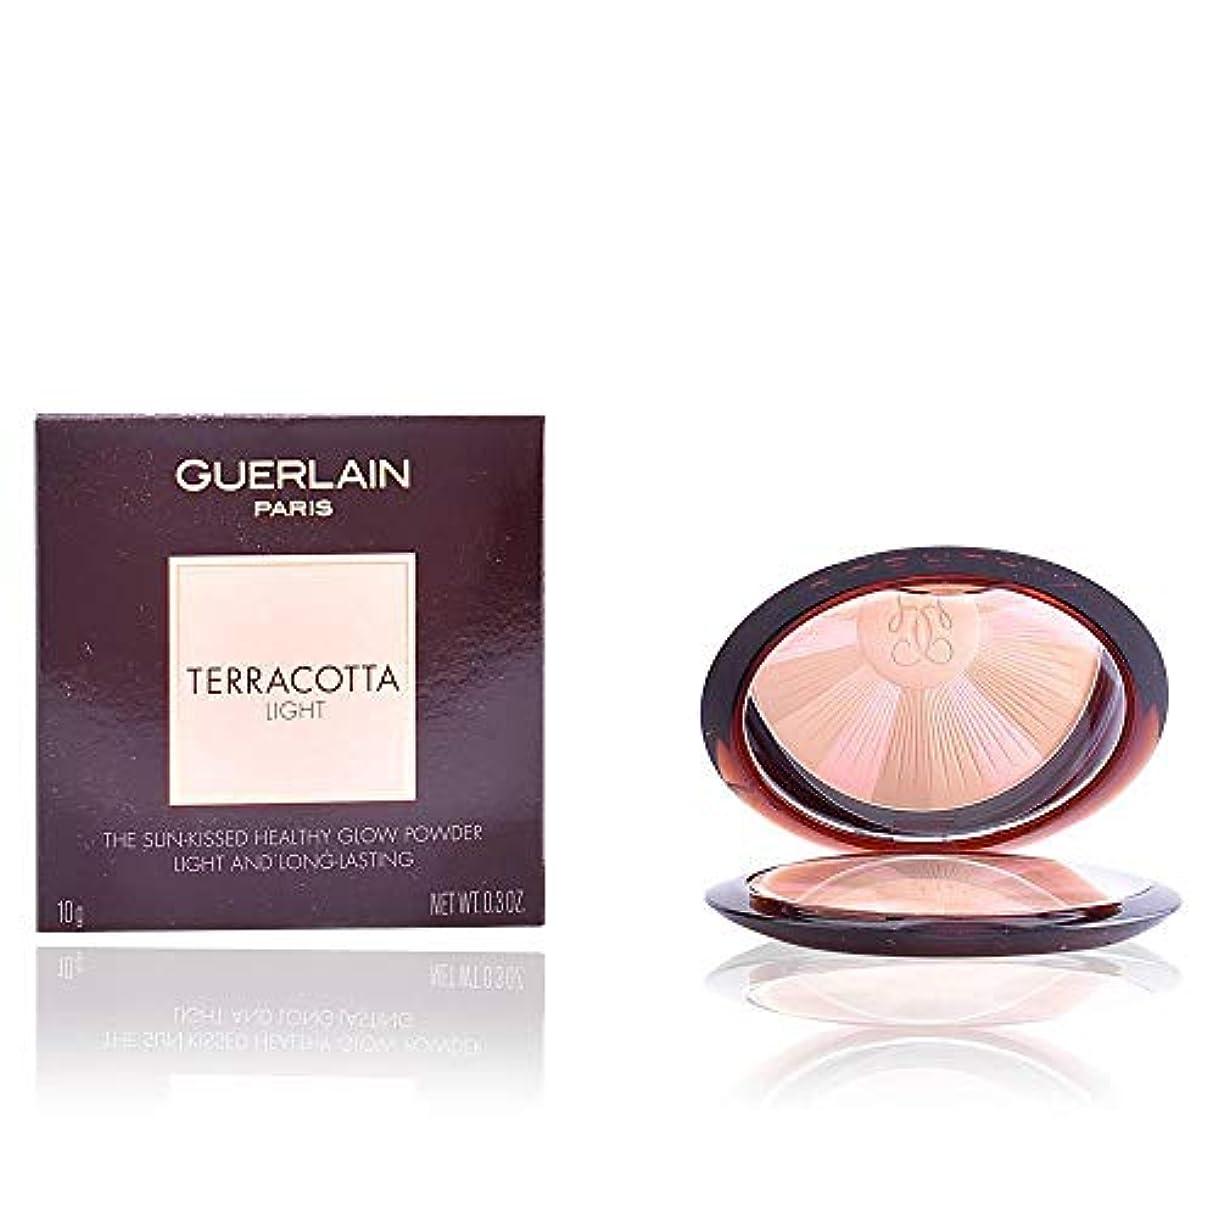 明らかに動詞スナップゲラン Terracotta Light The Sun Kissed Healthy Glow Powder - # 02 Natural Cool 10g/0.3oz並行輸入品